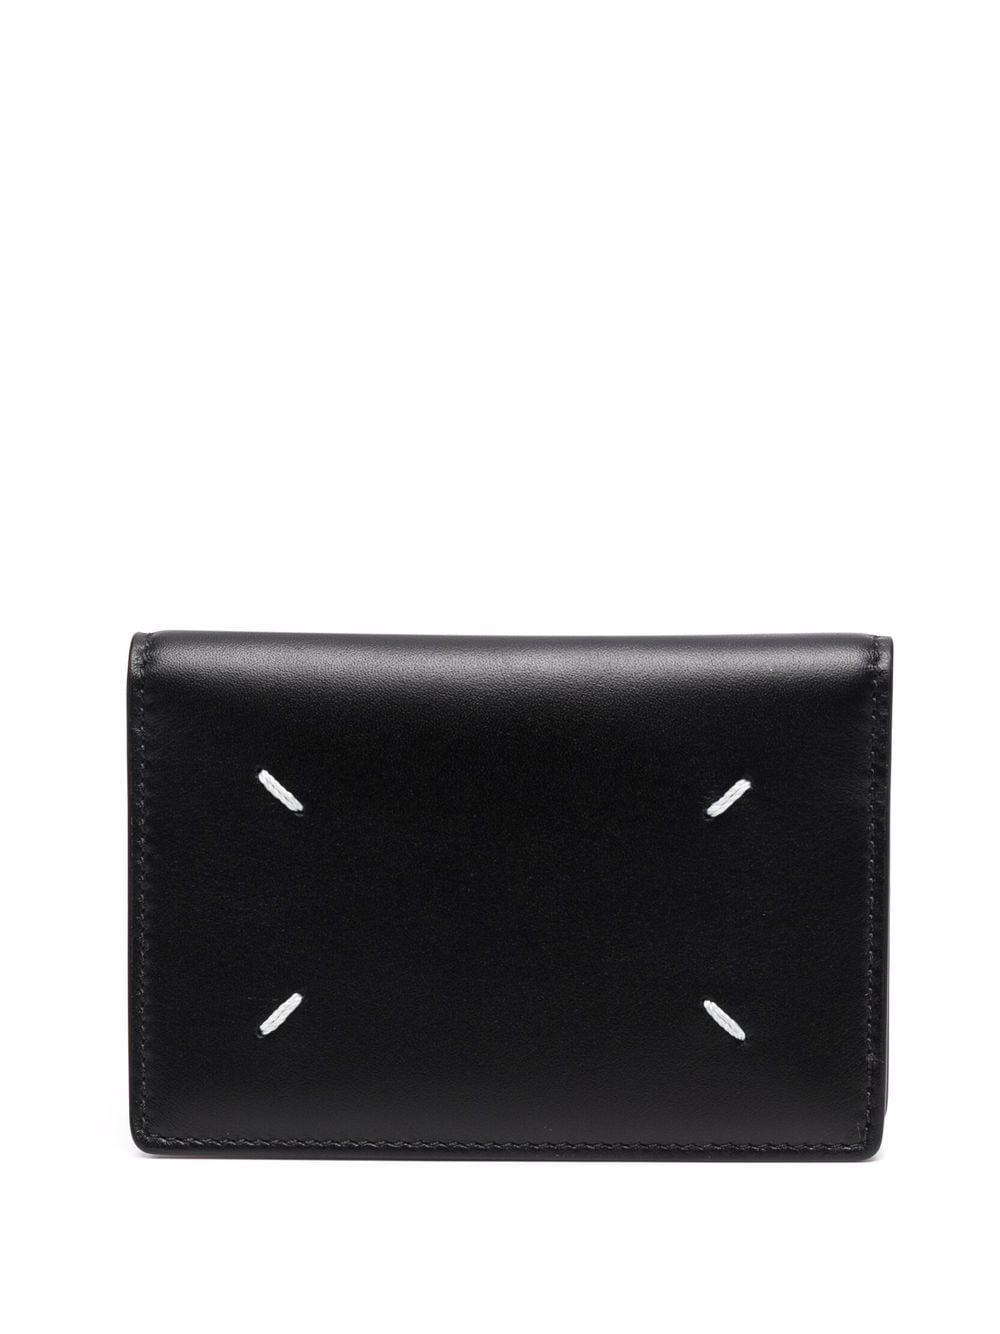 leather wallet man black MAISON MARGIELA | Wallets | S55UI0203 P4303T8013